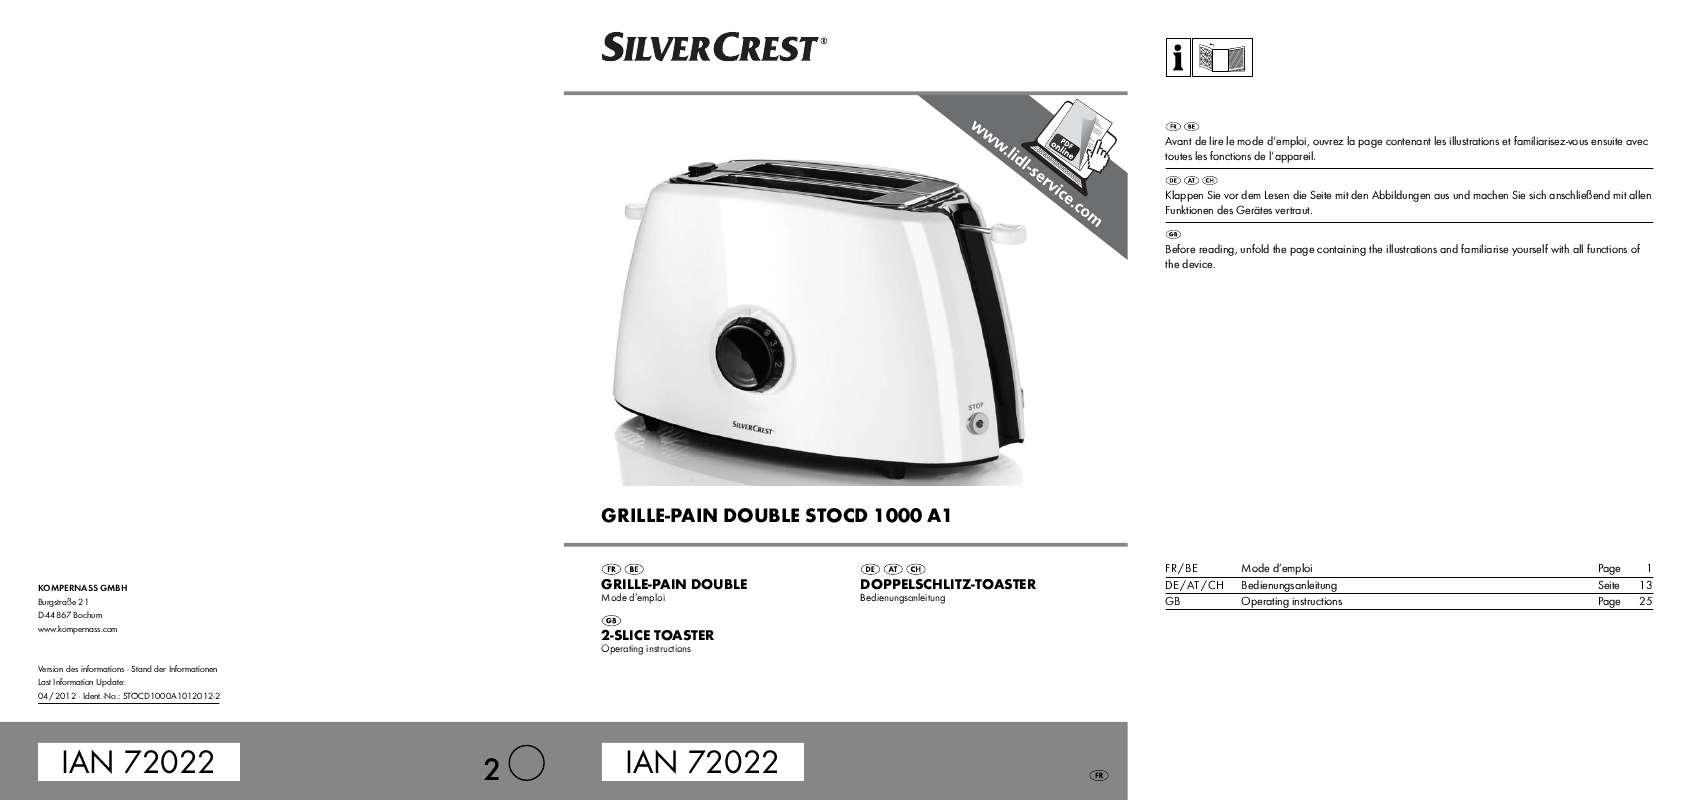 Guide utilisation  SILVERCREST STOCD 1000 A1  de la marque SILVERCREST